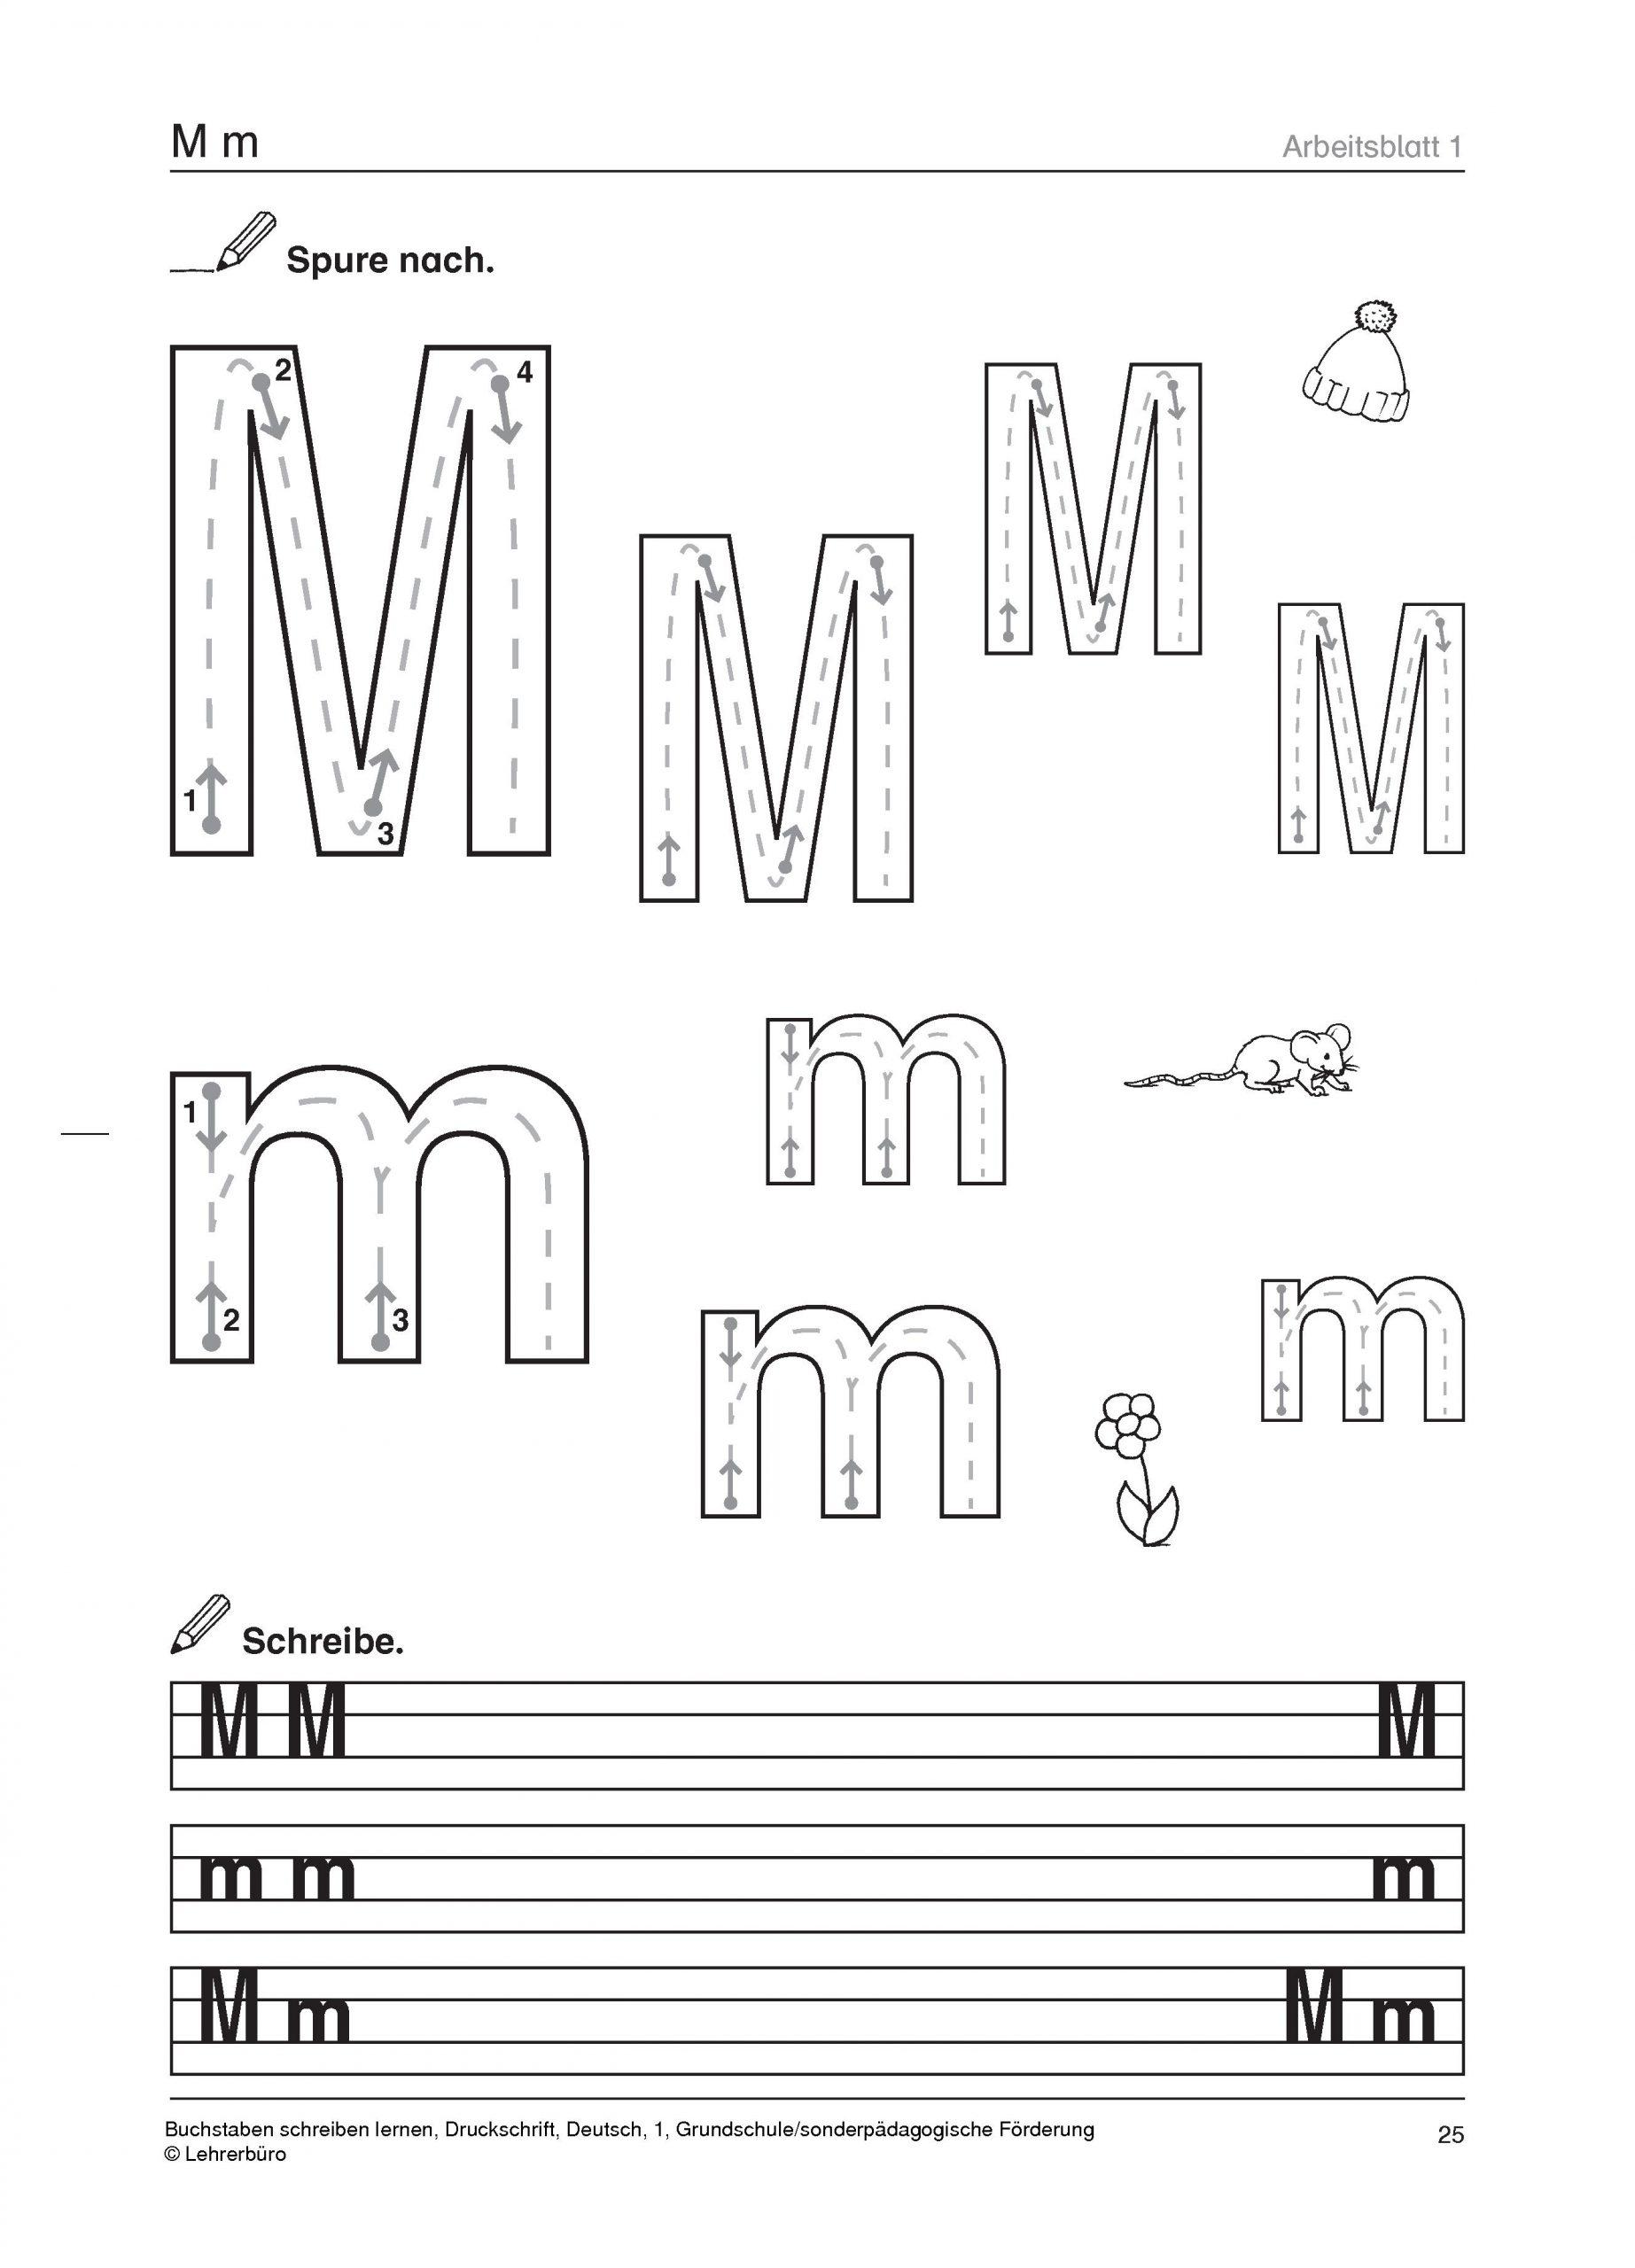 Grundschule Unterrichtsmaterial Deutsch Schriftsprache über Druckschrift Arbeitsblätter